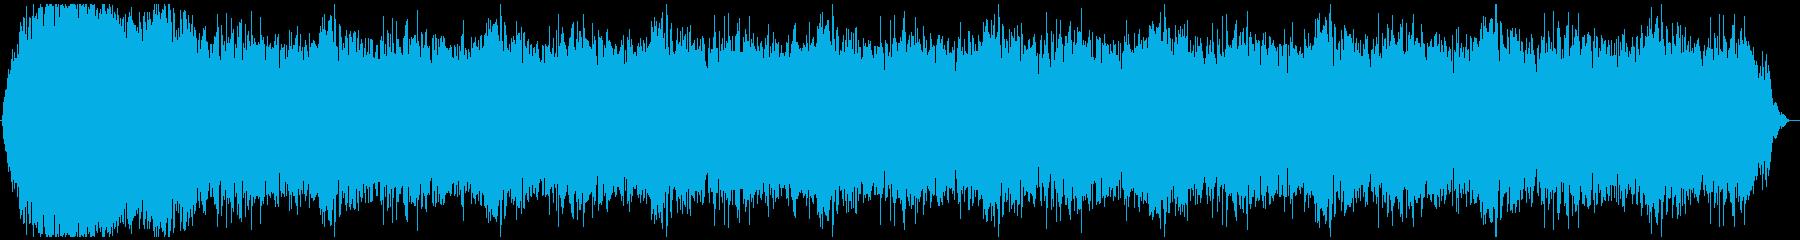 ドローン ストームハイ01の再生済みの波形